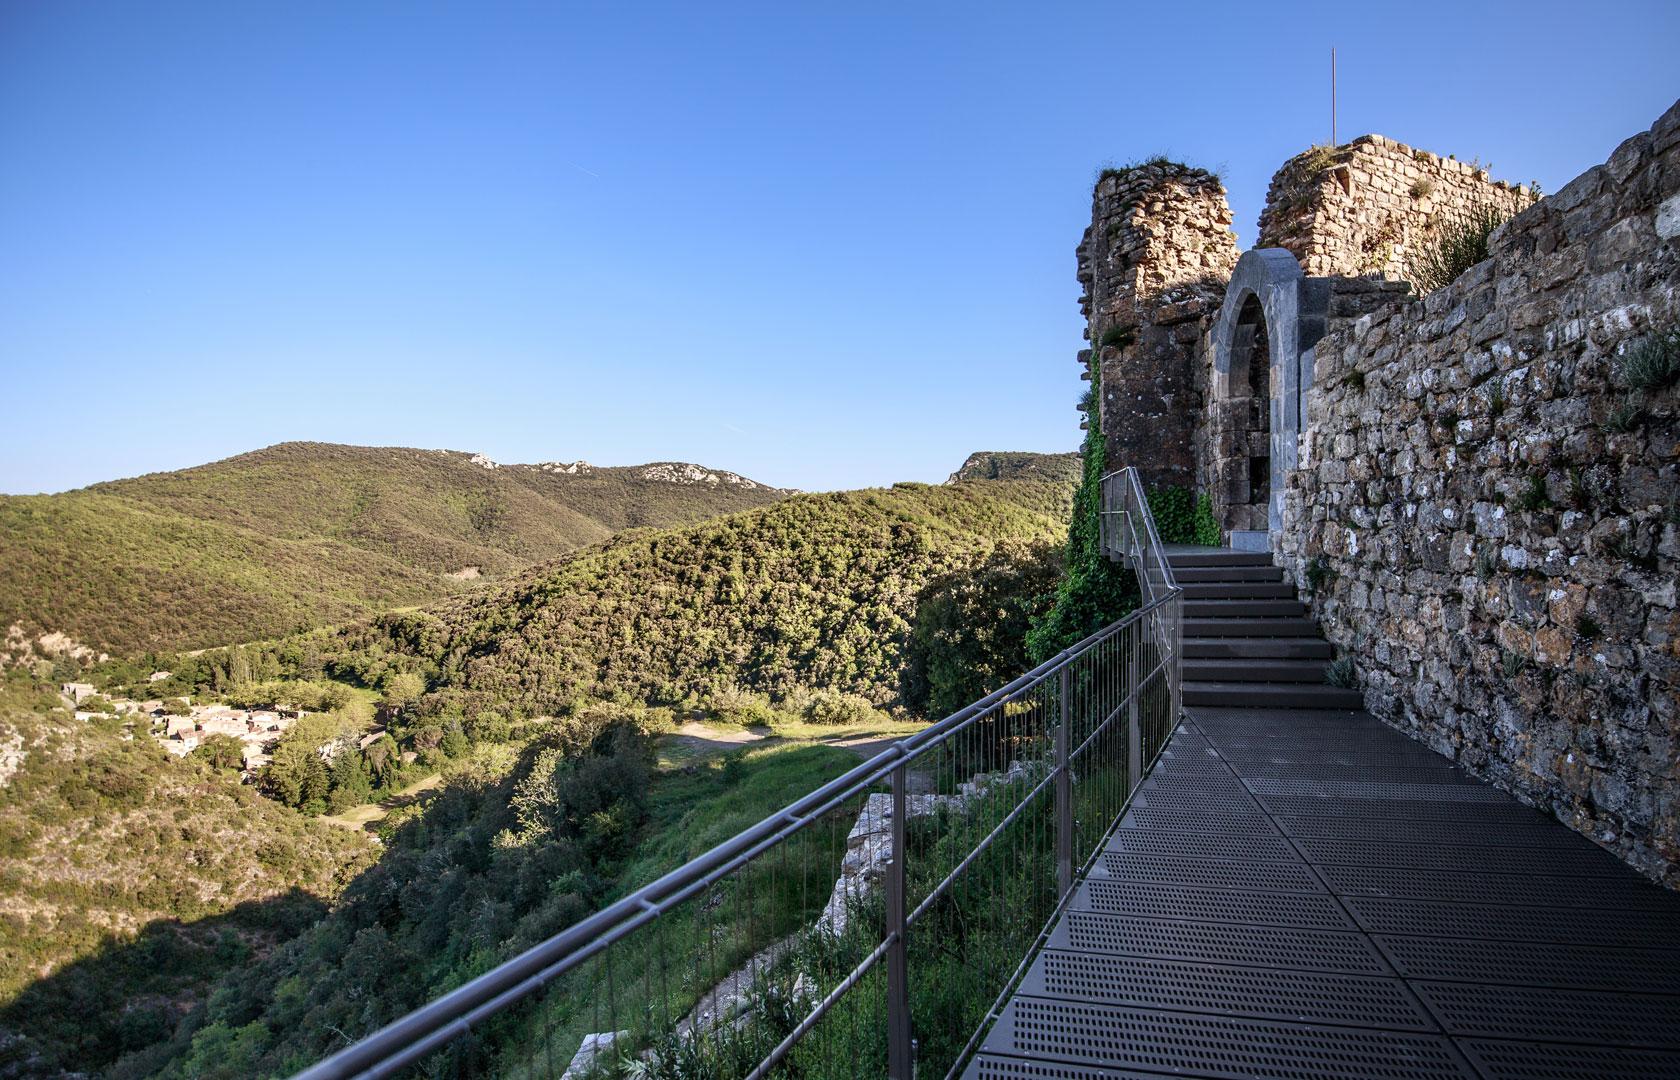 En 1224, Amaury de Montfort cède le château de Termes à l'archevêque de Narbonne. Mais cette donation est sans effet dans la mesure où Amaury de Montfort, qui n'a pu conserver les conquêtes de son père, ne détient aucun pouvoir réel.